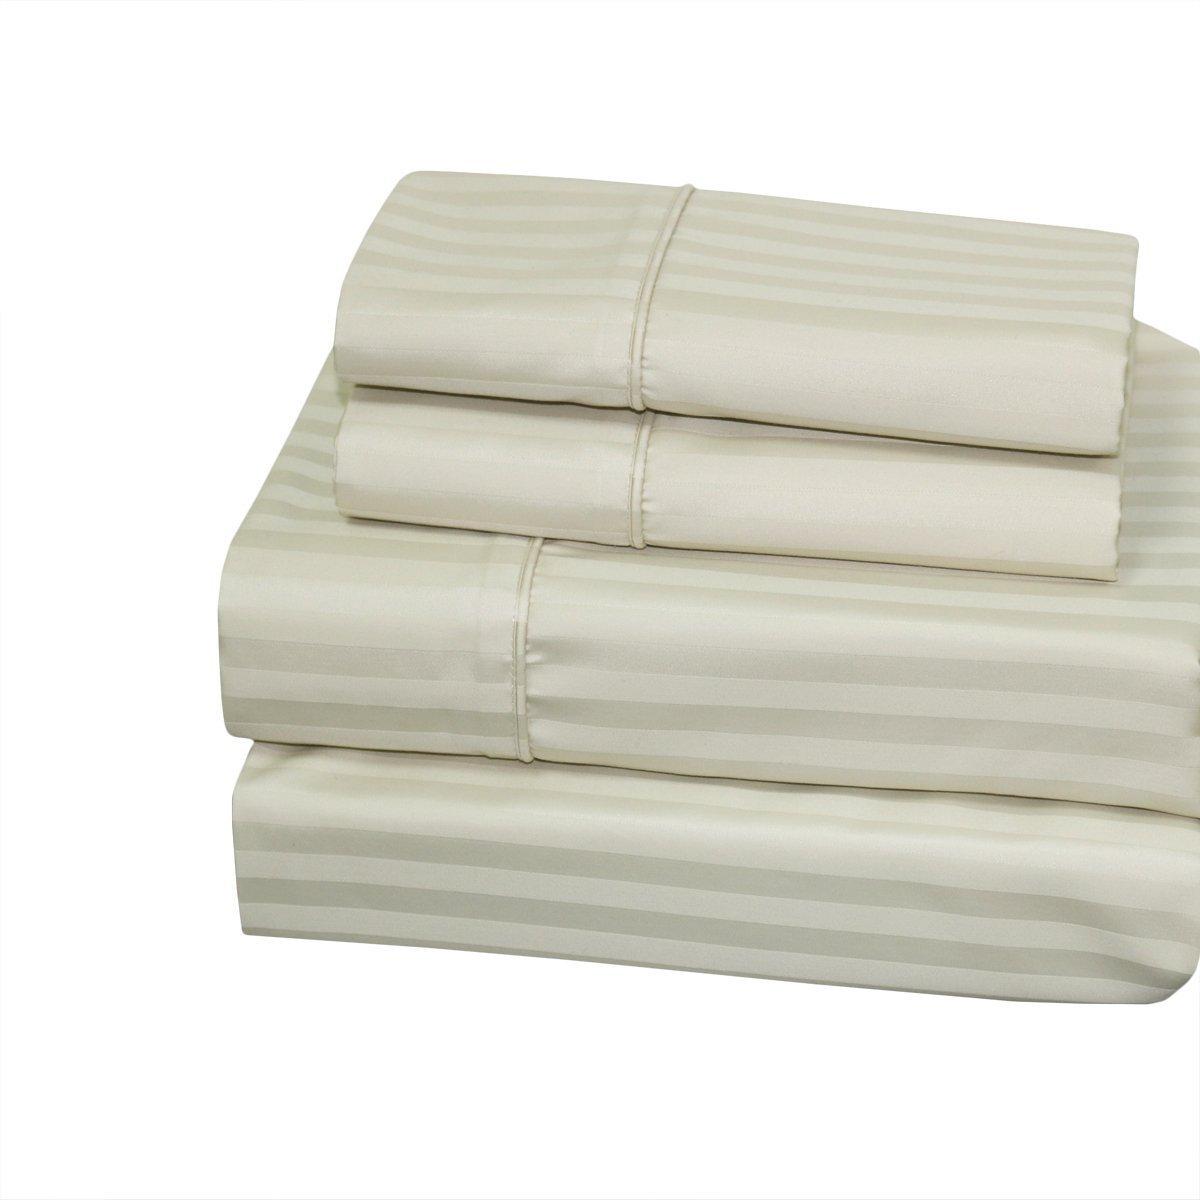 Sheetsnthings ストライプ 300 スレッド カウント シーツセット 100 % コットン ベッド シーツ 4 点セット (深いポケット)Extra-Pillowcases-King COMIN18JU034978 B01FKUT27Qアイボリー Extra-Pillowcases-King